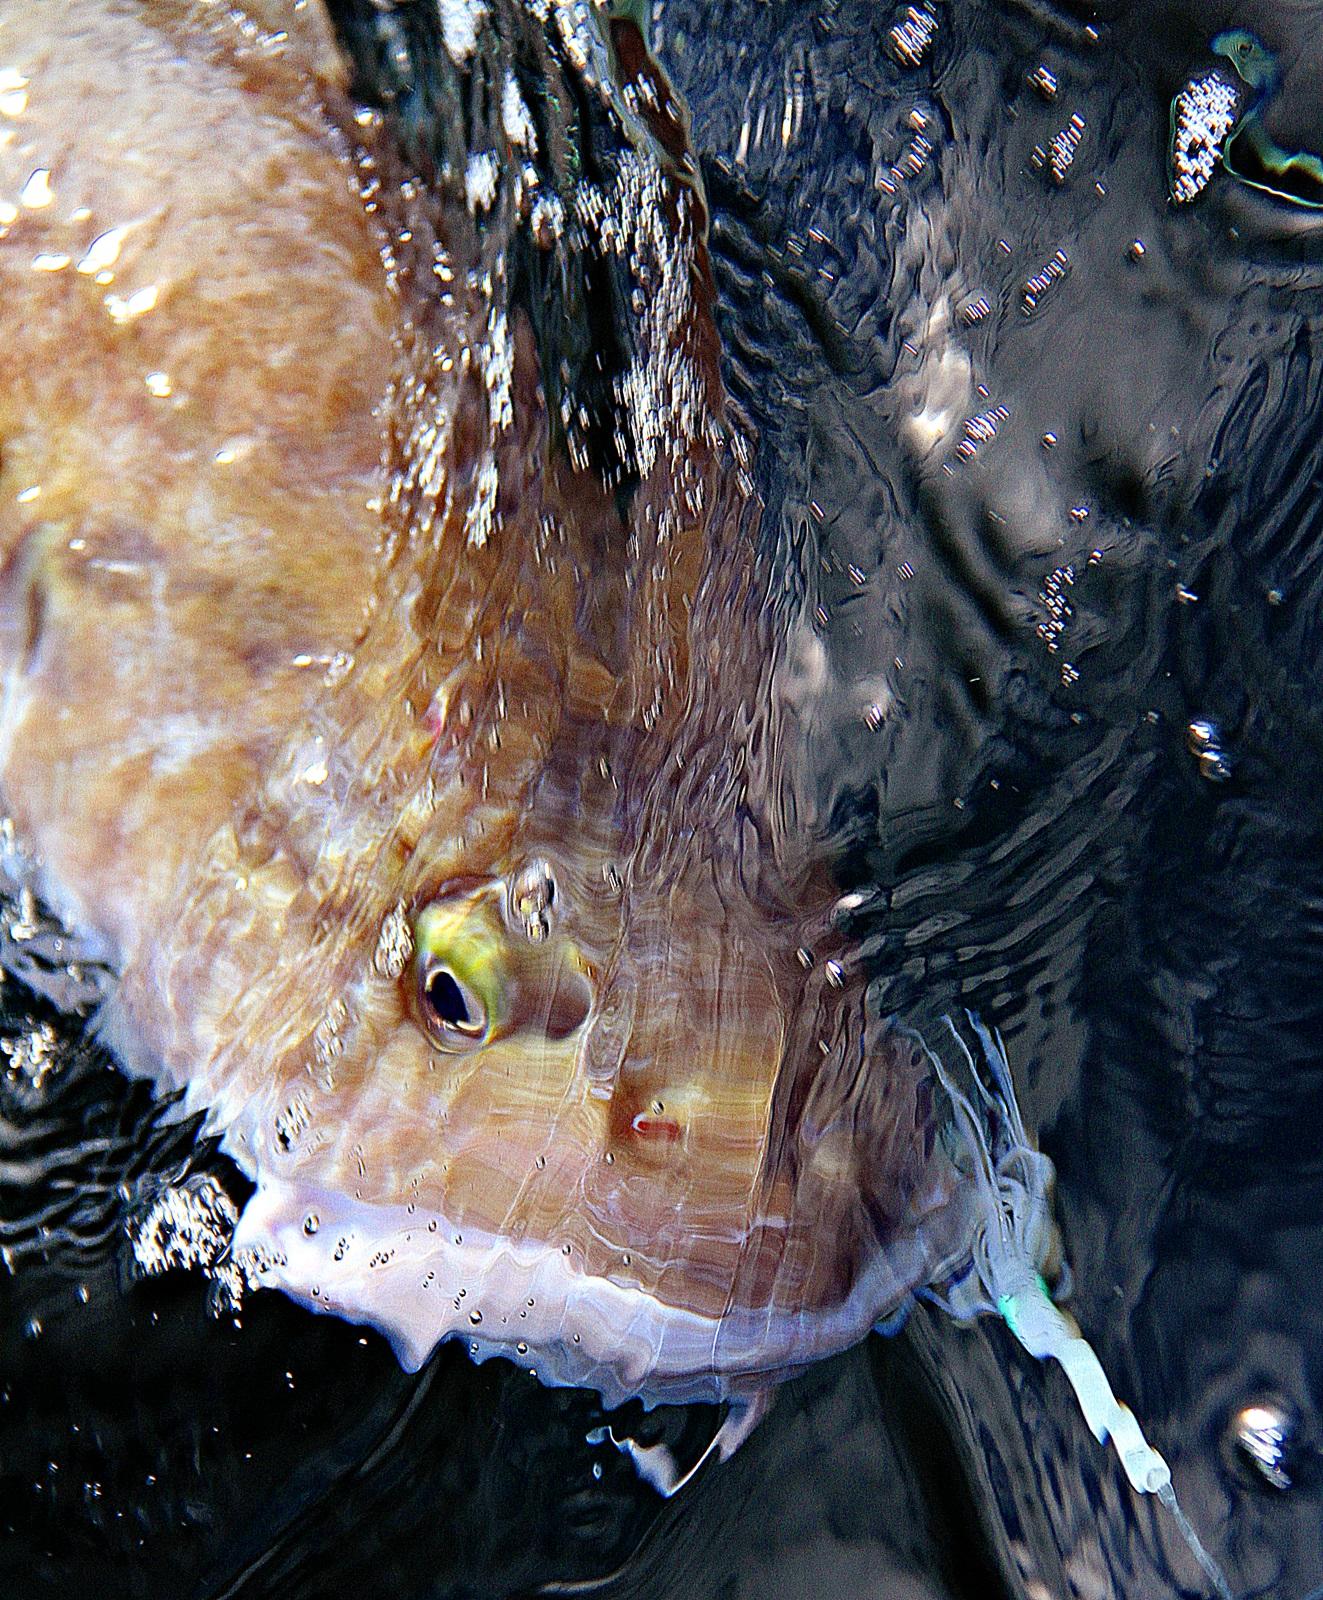 Brosme er bare en av mange spennende og gode matfisker som finnes på dypt vann hele året